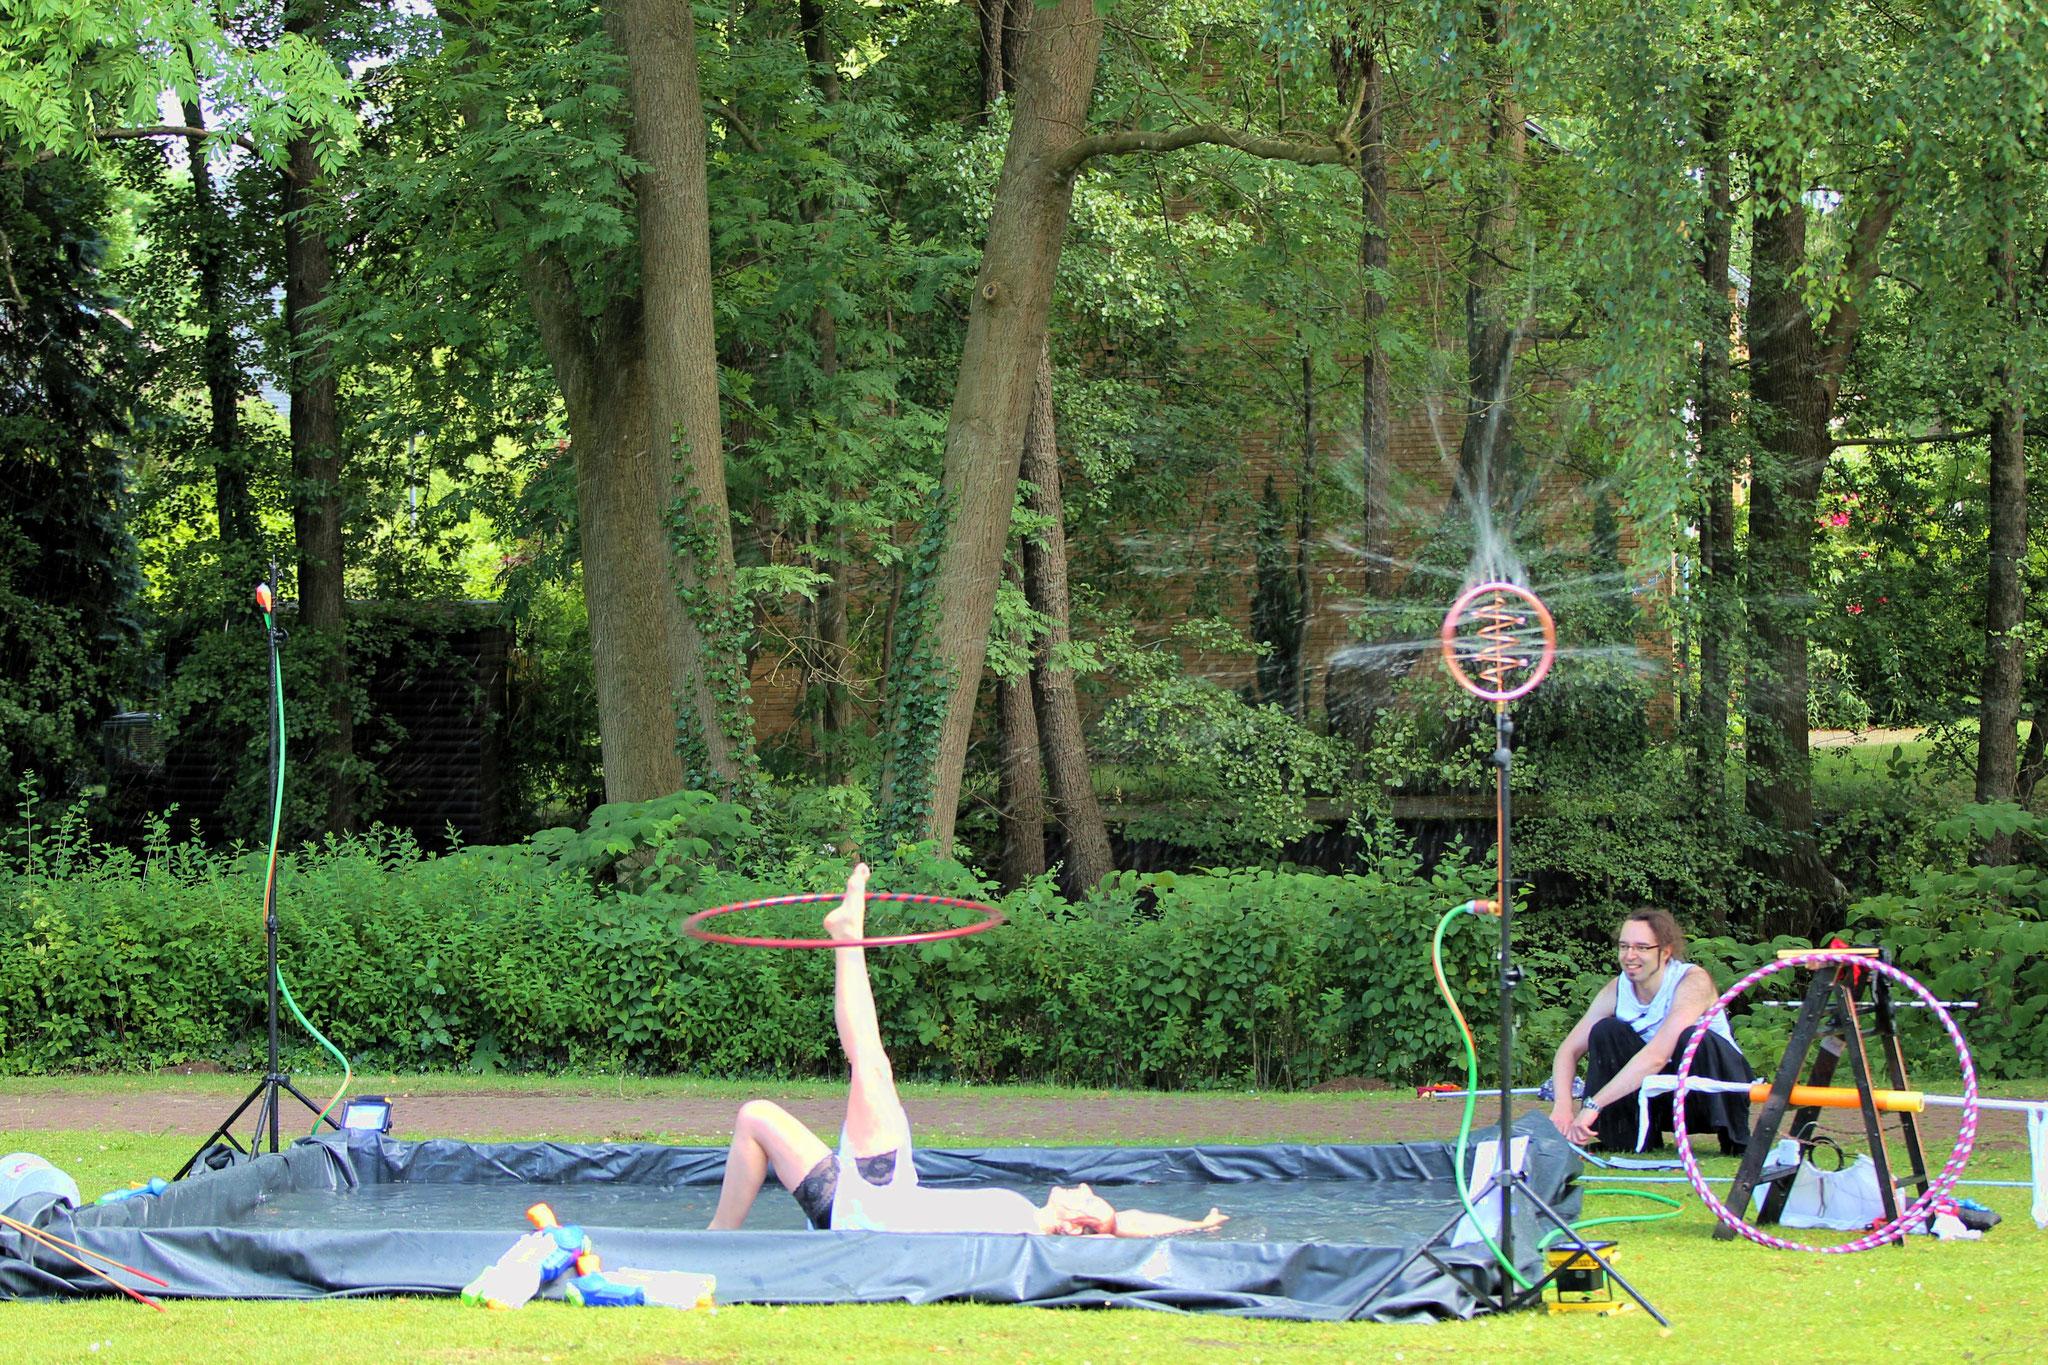 Wasserspiele im Sommer  |Foto: Verwünscht Photografie